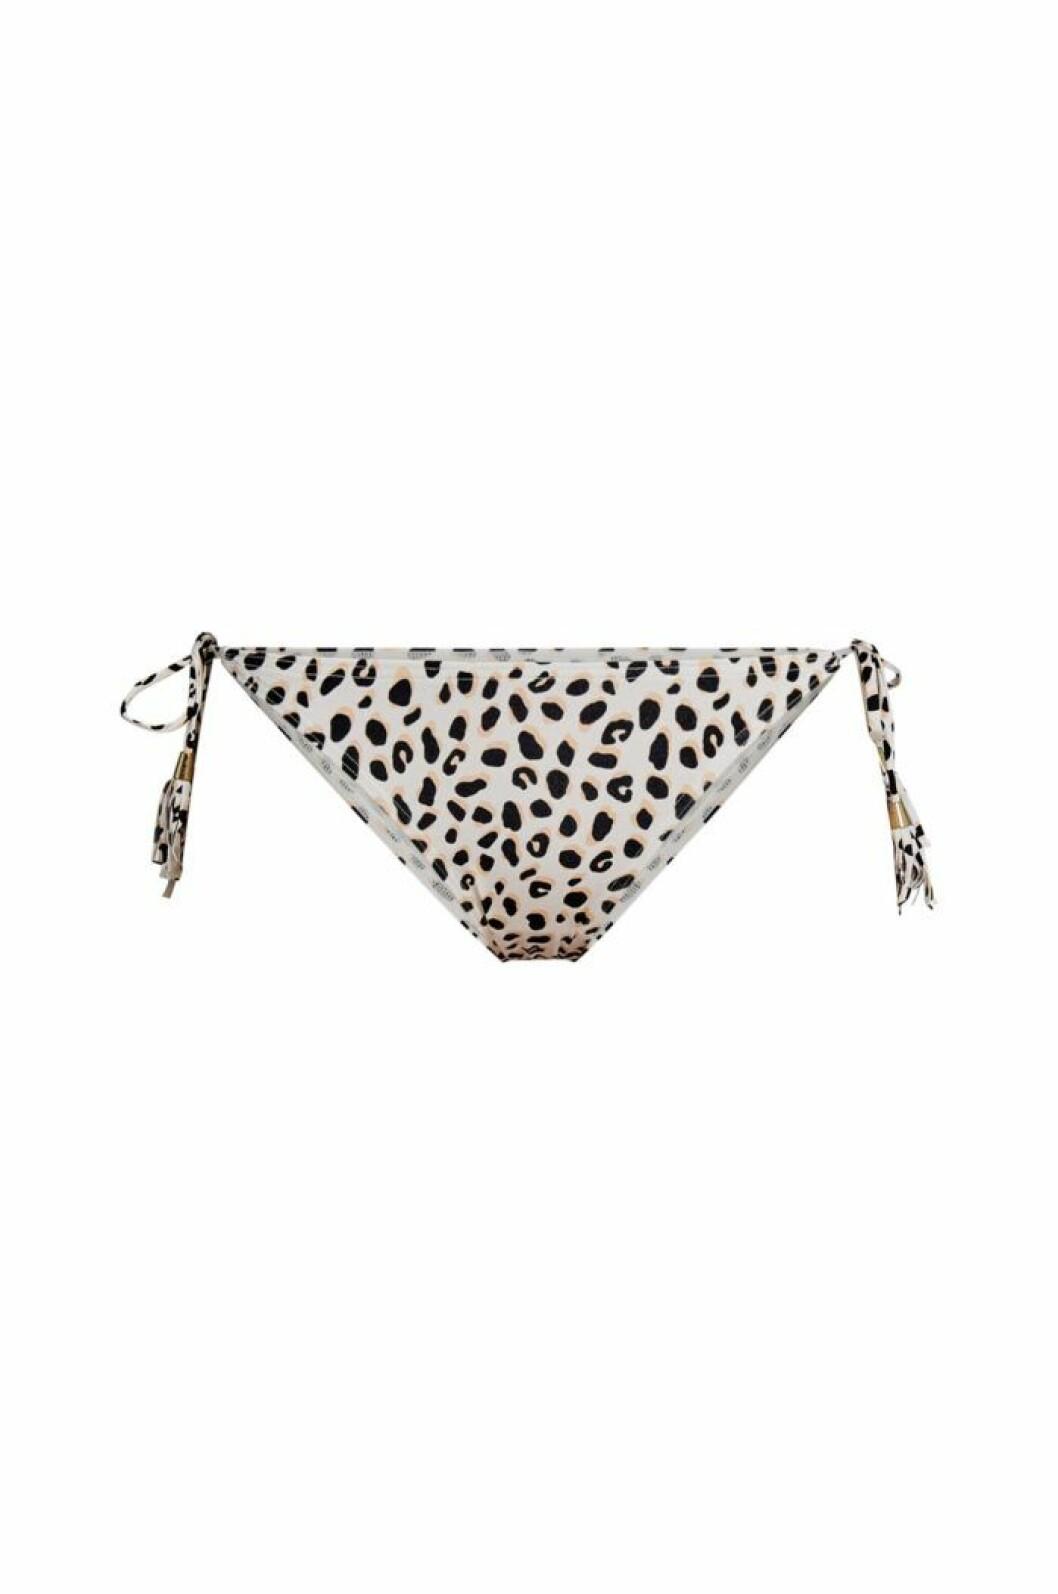 Bikinitrosor med leopardprint